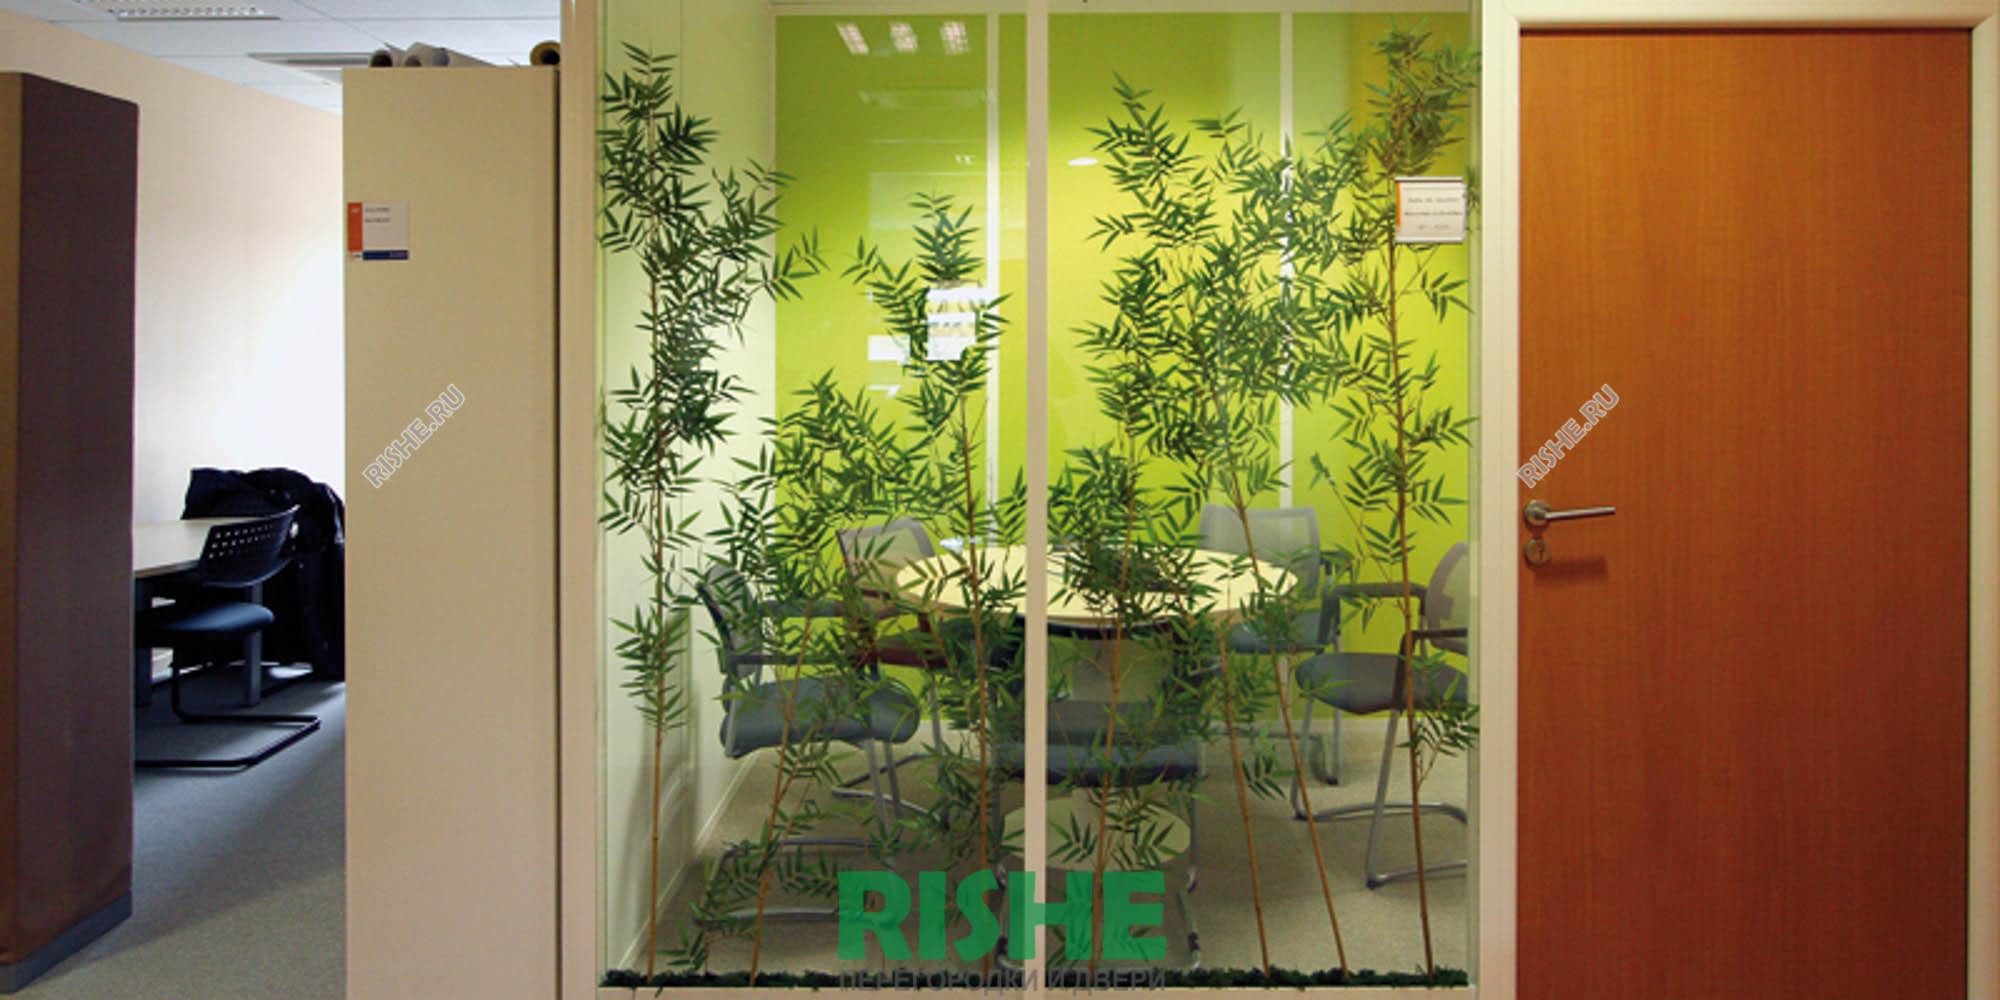 Растения между стекол в перегородке